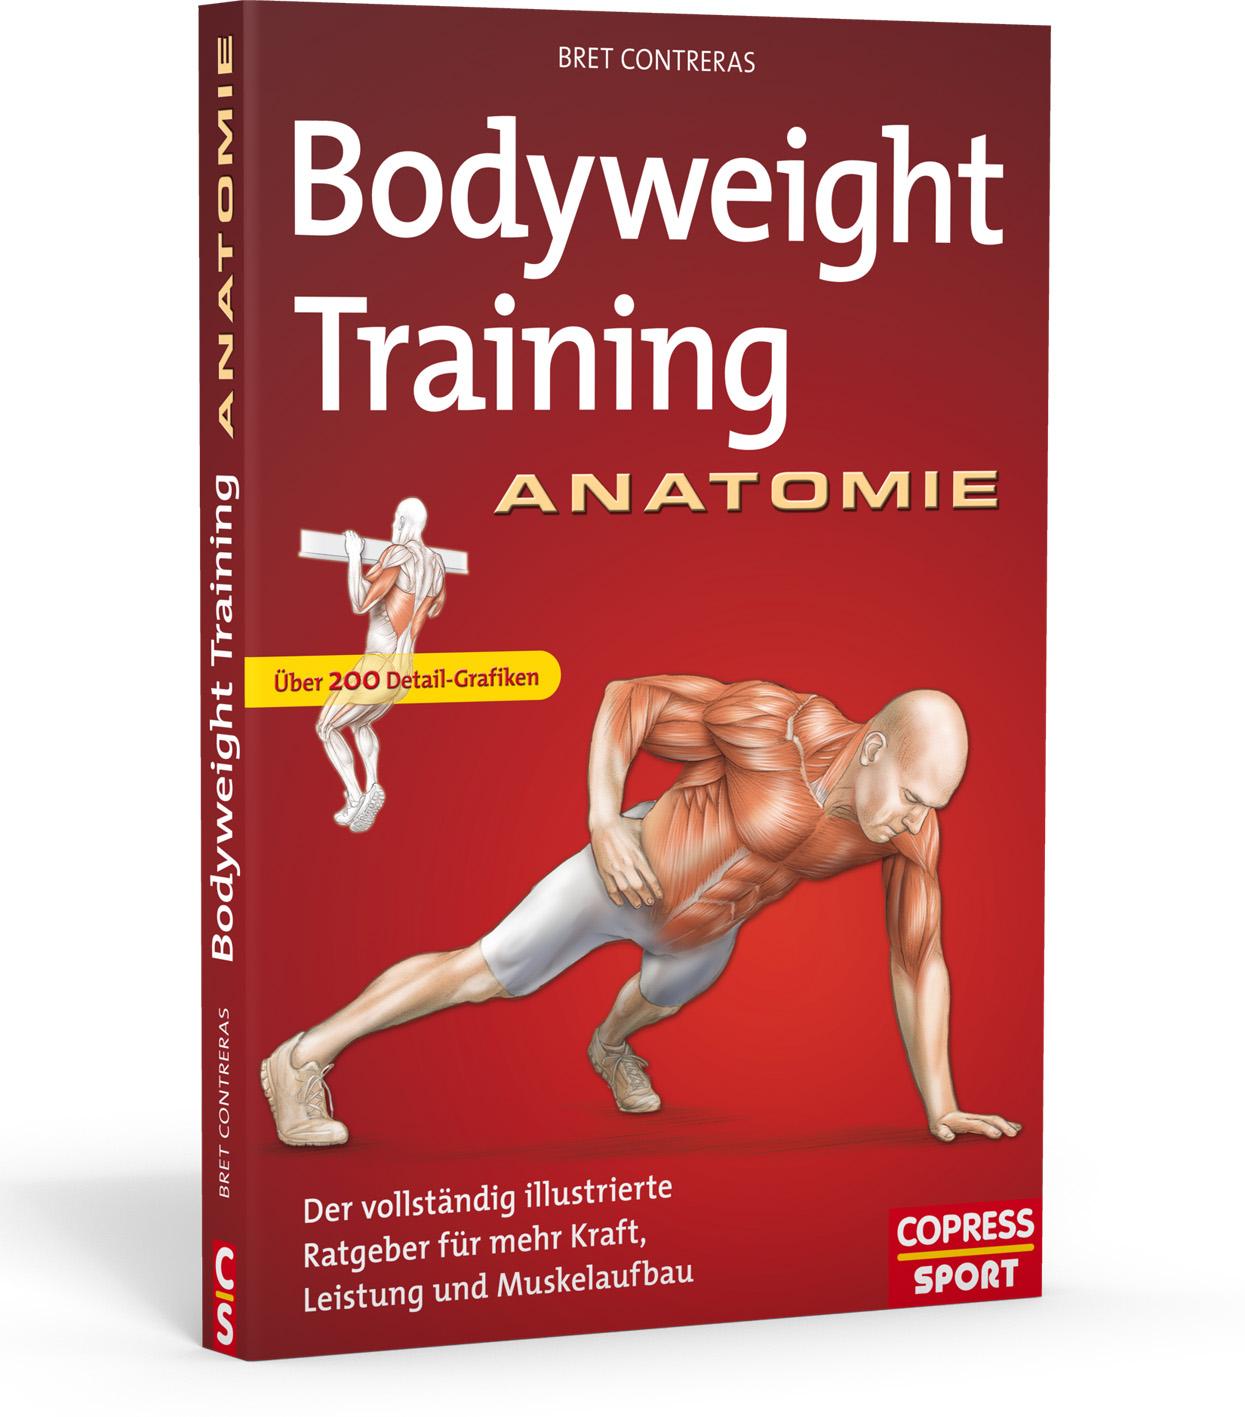 Bodyweight Training Anatomie: Der vollständig illustrierte Ratgeber für mehr Kraft, Leistung und Muskelaufbau - Bret Con